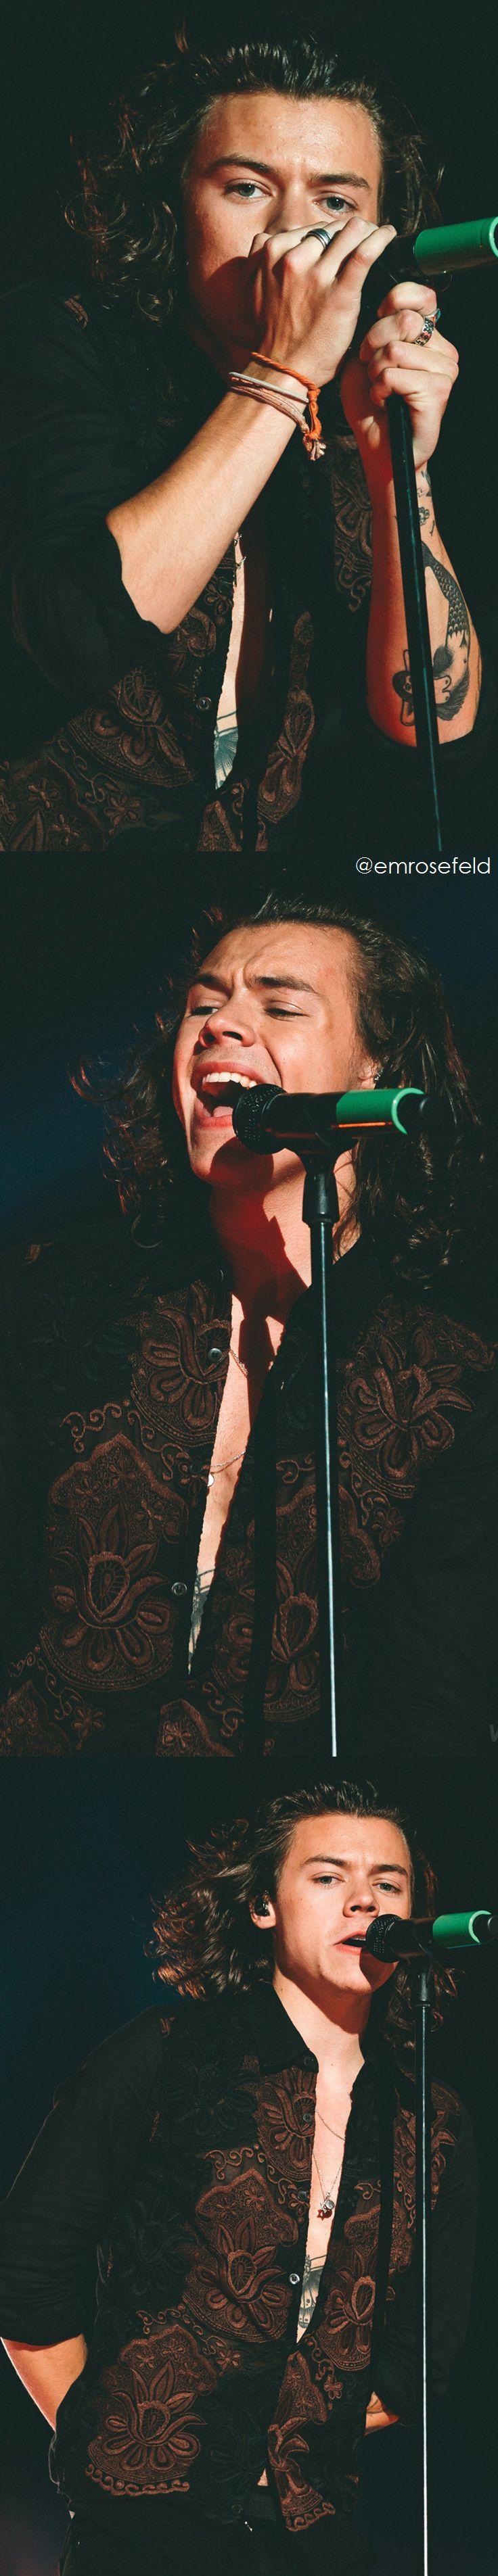 211 besten Harry styles Bilder auf Pinterest